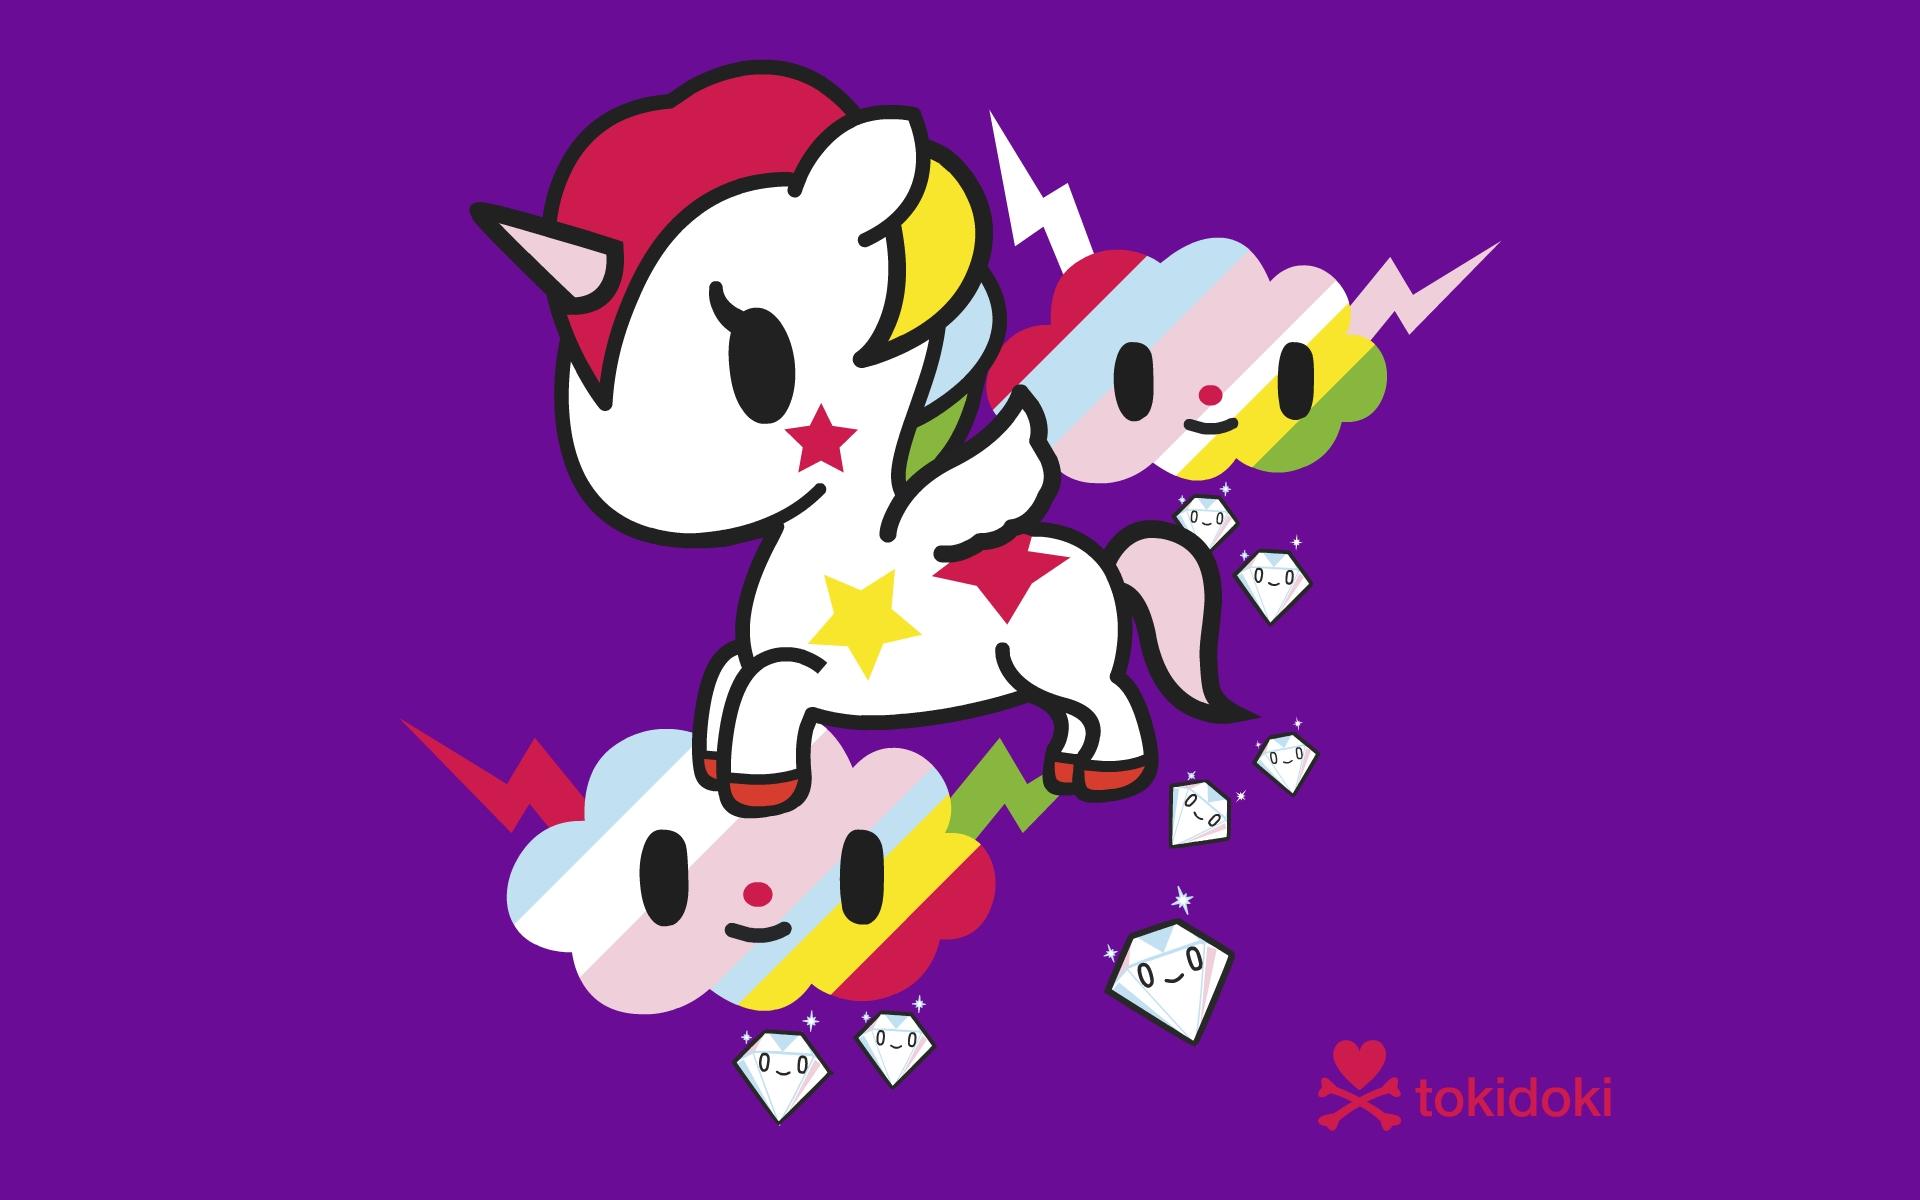 Hd wallpaper unicorn - Free Tokidoki Unicorn Wallpapers Free Tokidoki Unicorn Hd Wallpapers